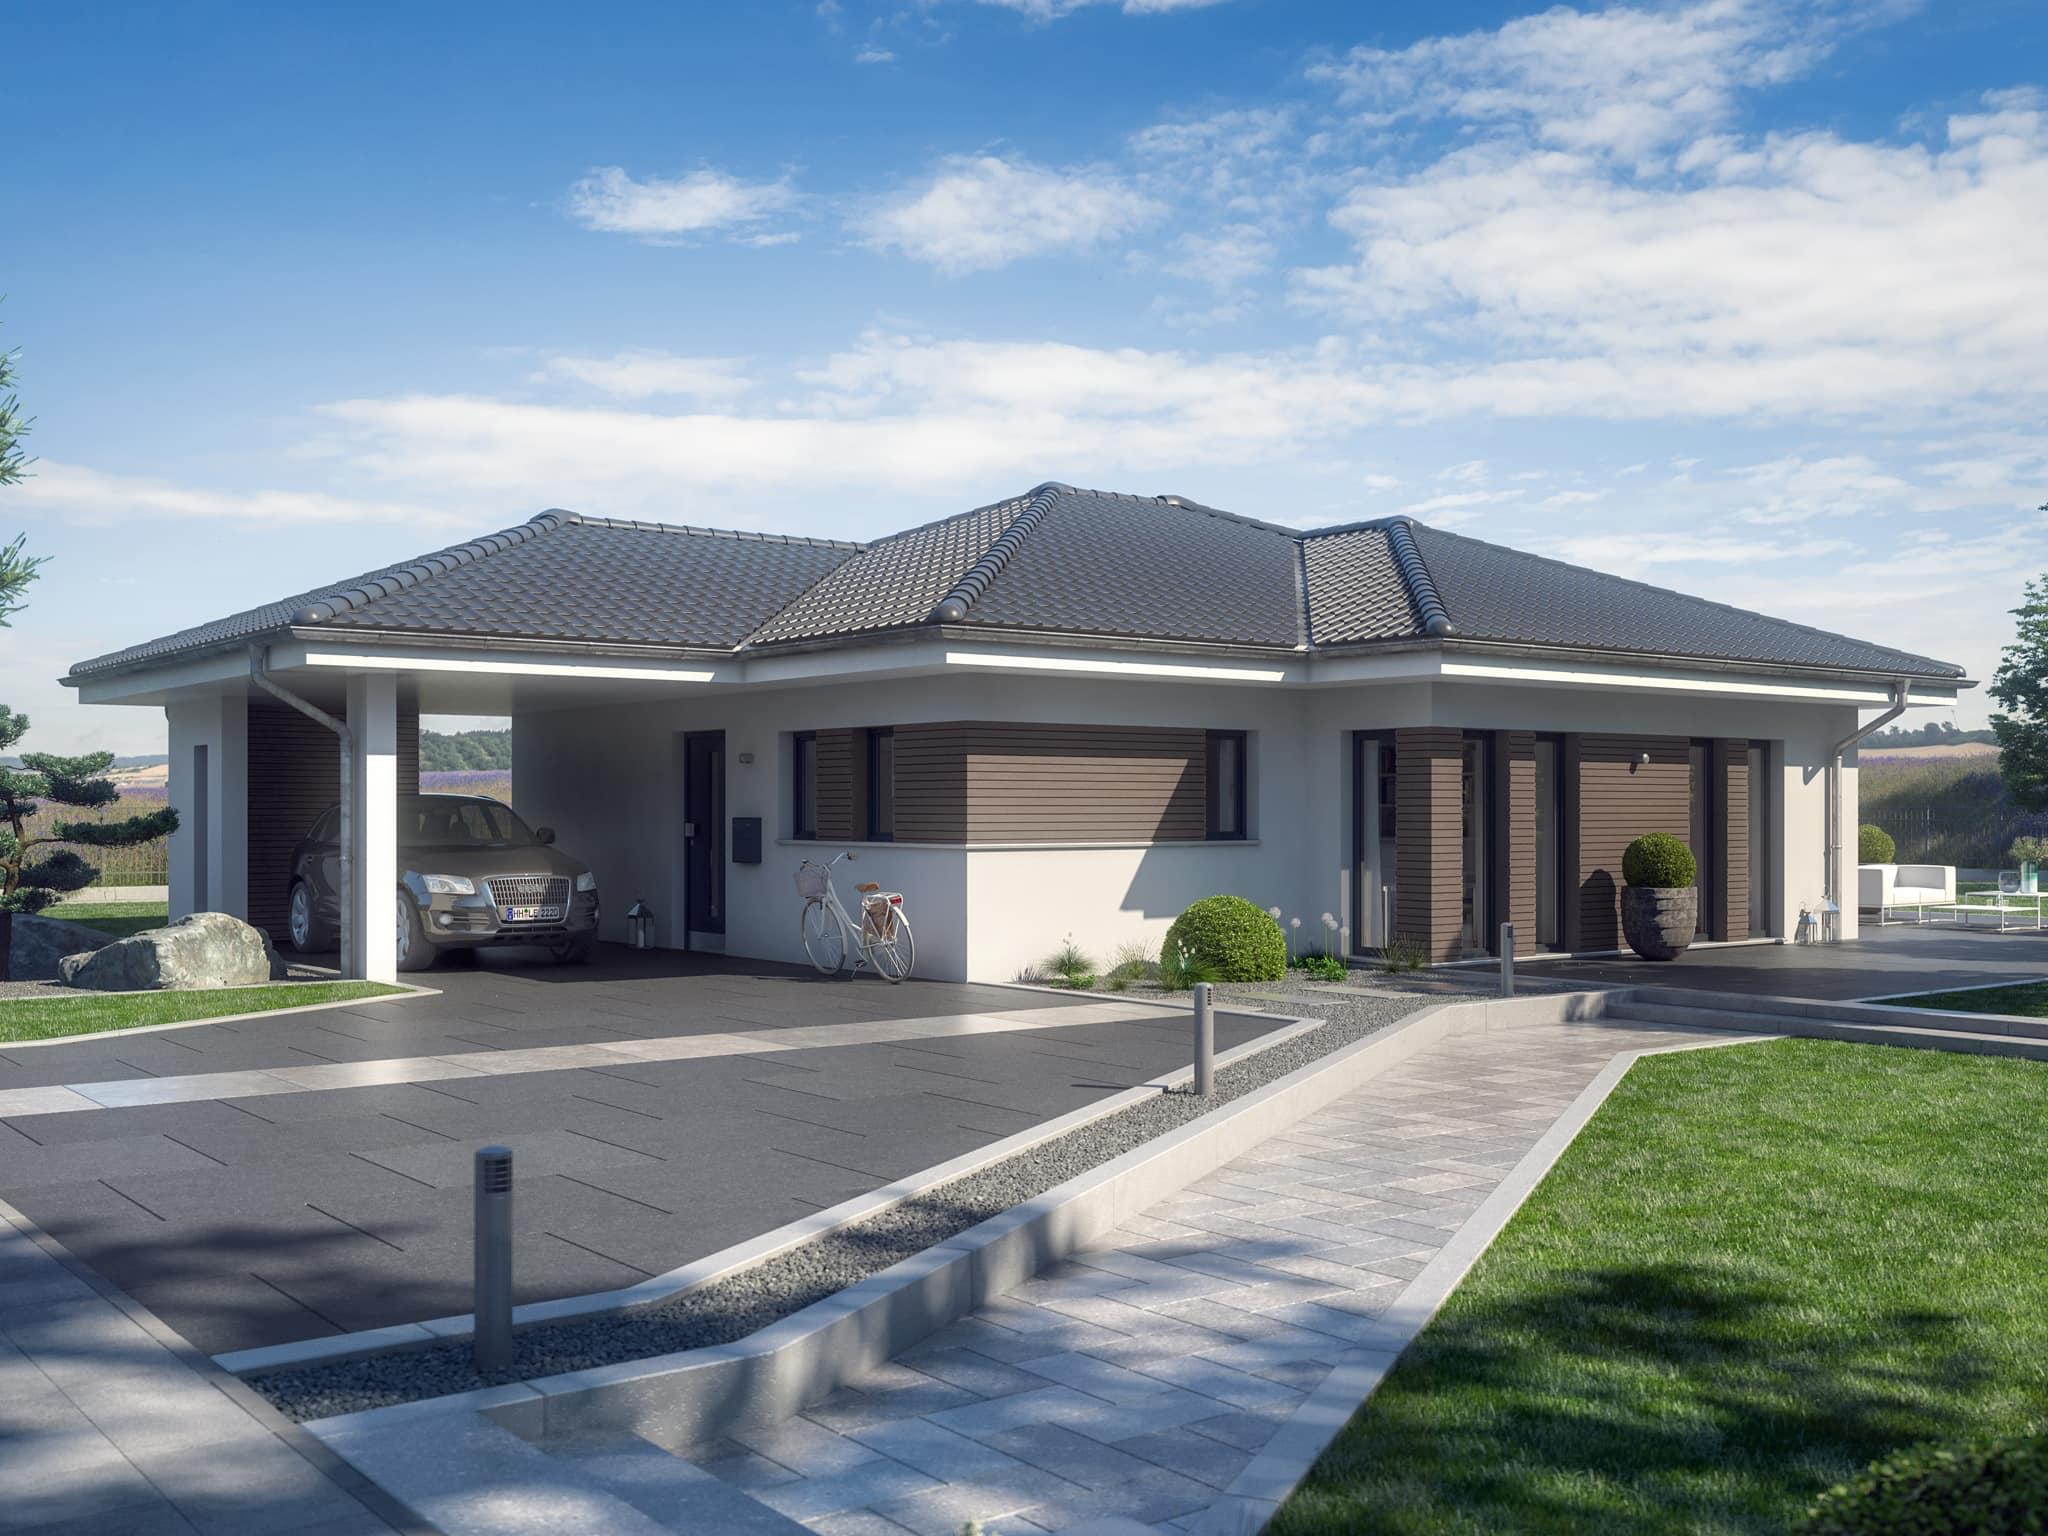 Fertighaus Bungalow AMBIENCE 88 V3 Walmdach Bien Zenker - Haus bauen Ideen HausbauDirekt.de